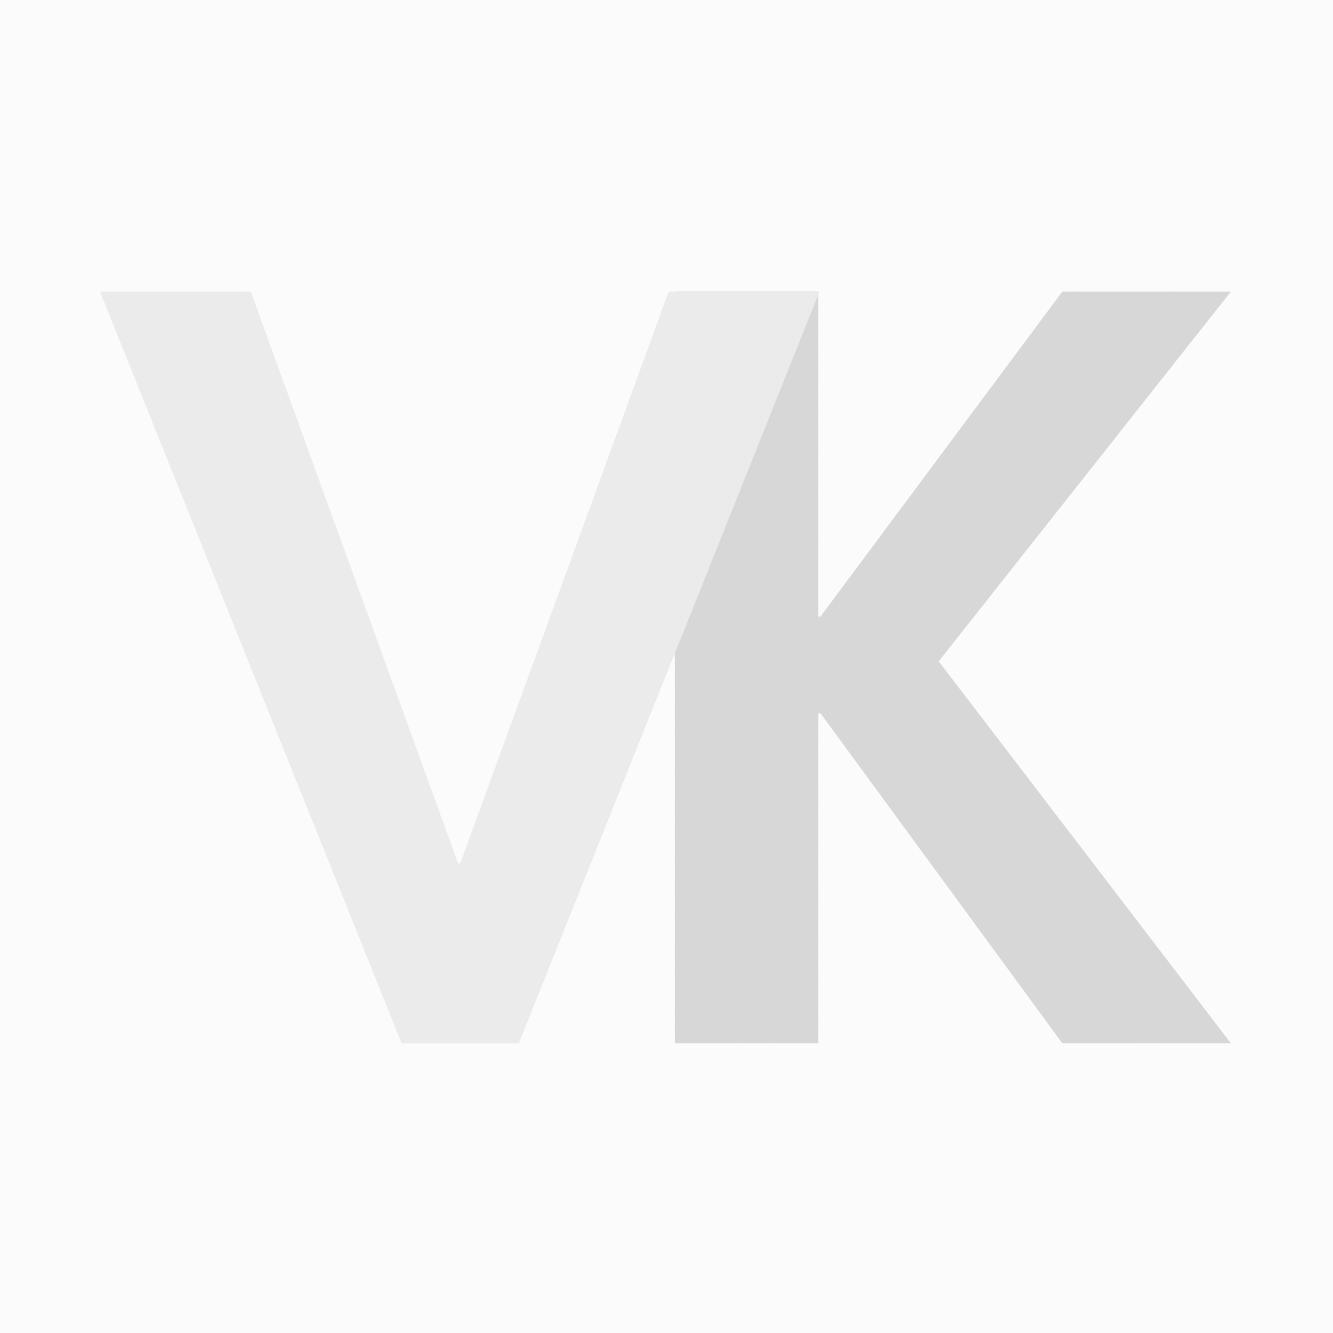 Kaplaken Scharen 150x128cm